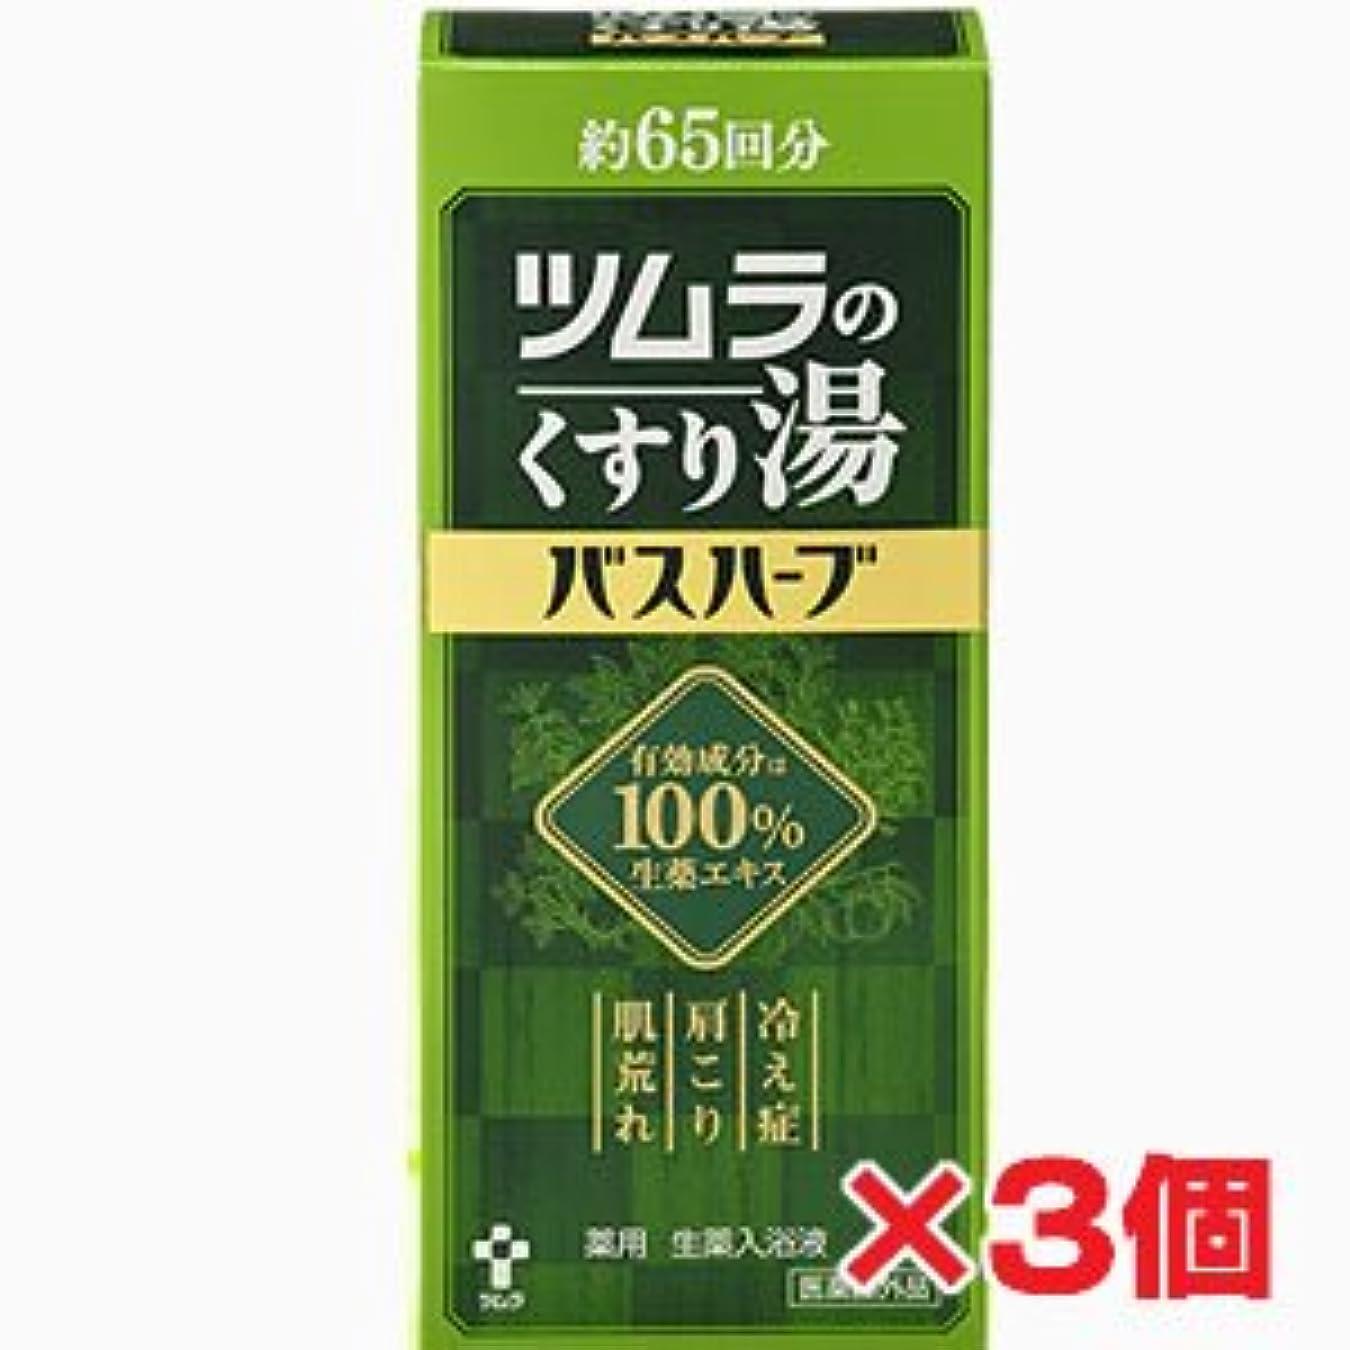 鬼ごっこ近似クローゼット【3本】ツムラのくすり湯 バスハーブ 650ml×3本